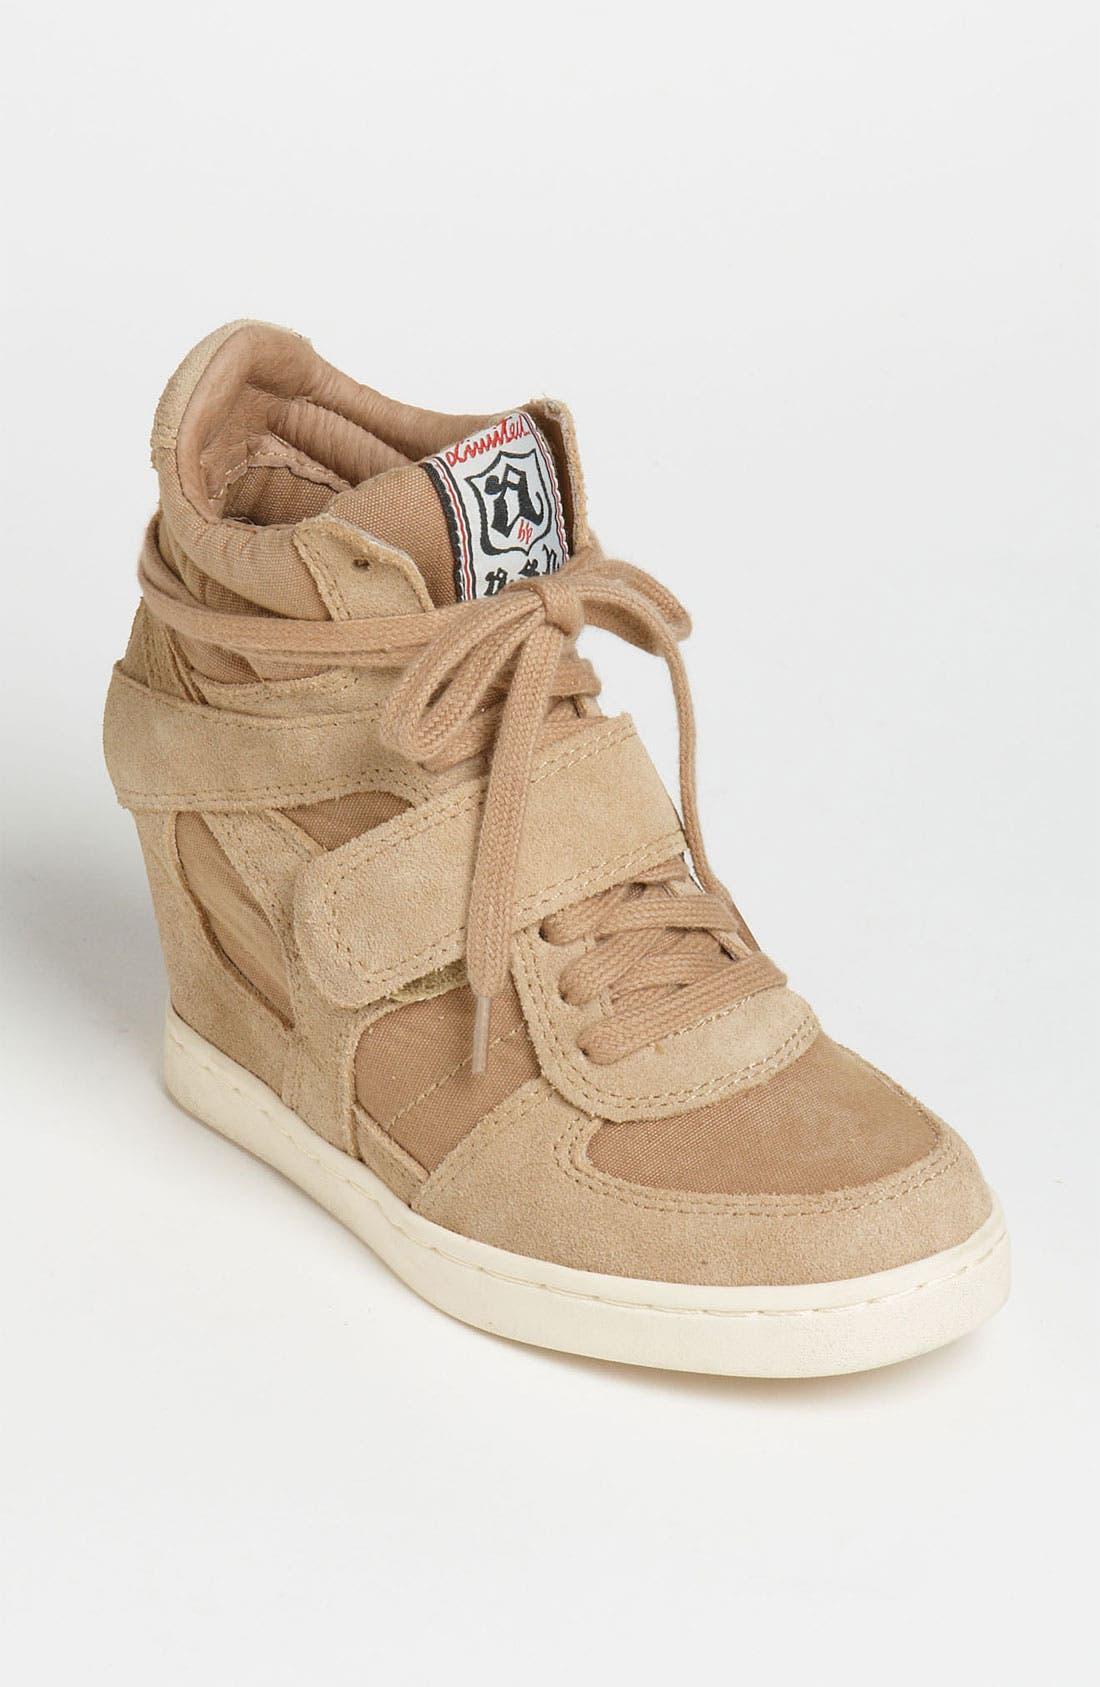 Alternate Image 1 Selected - Ash 'Cool' Sneaker